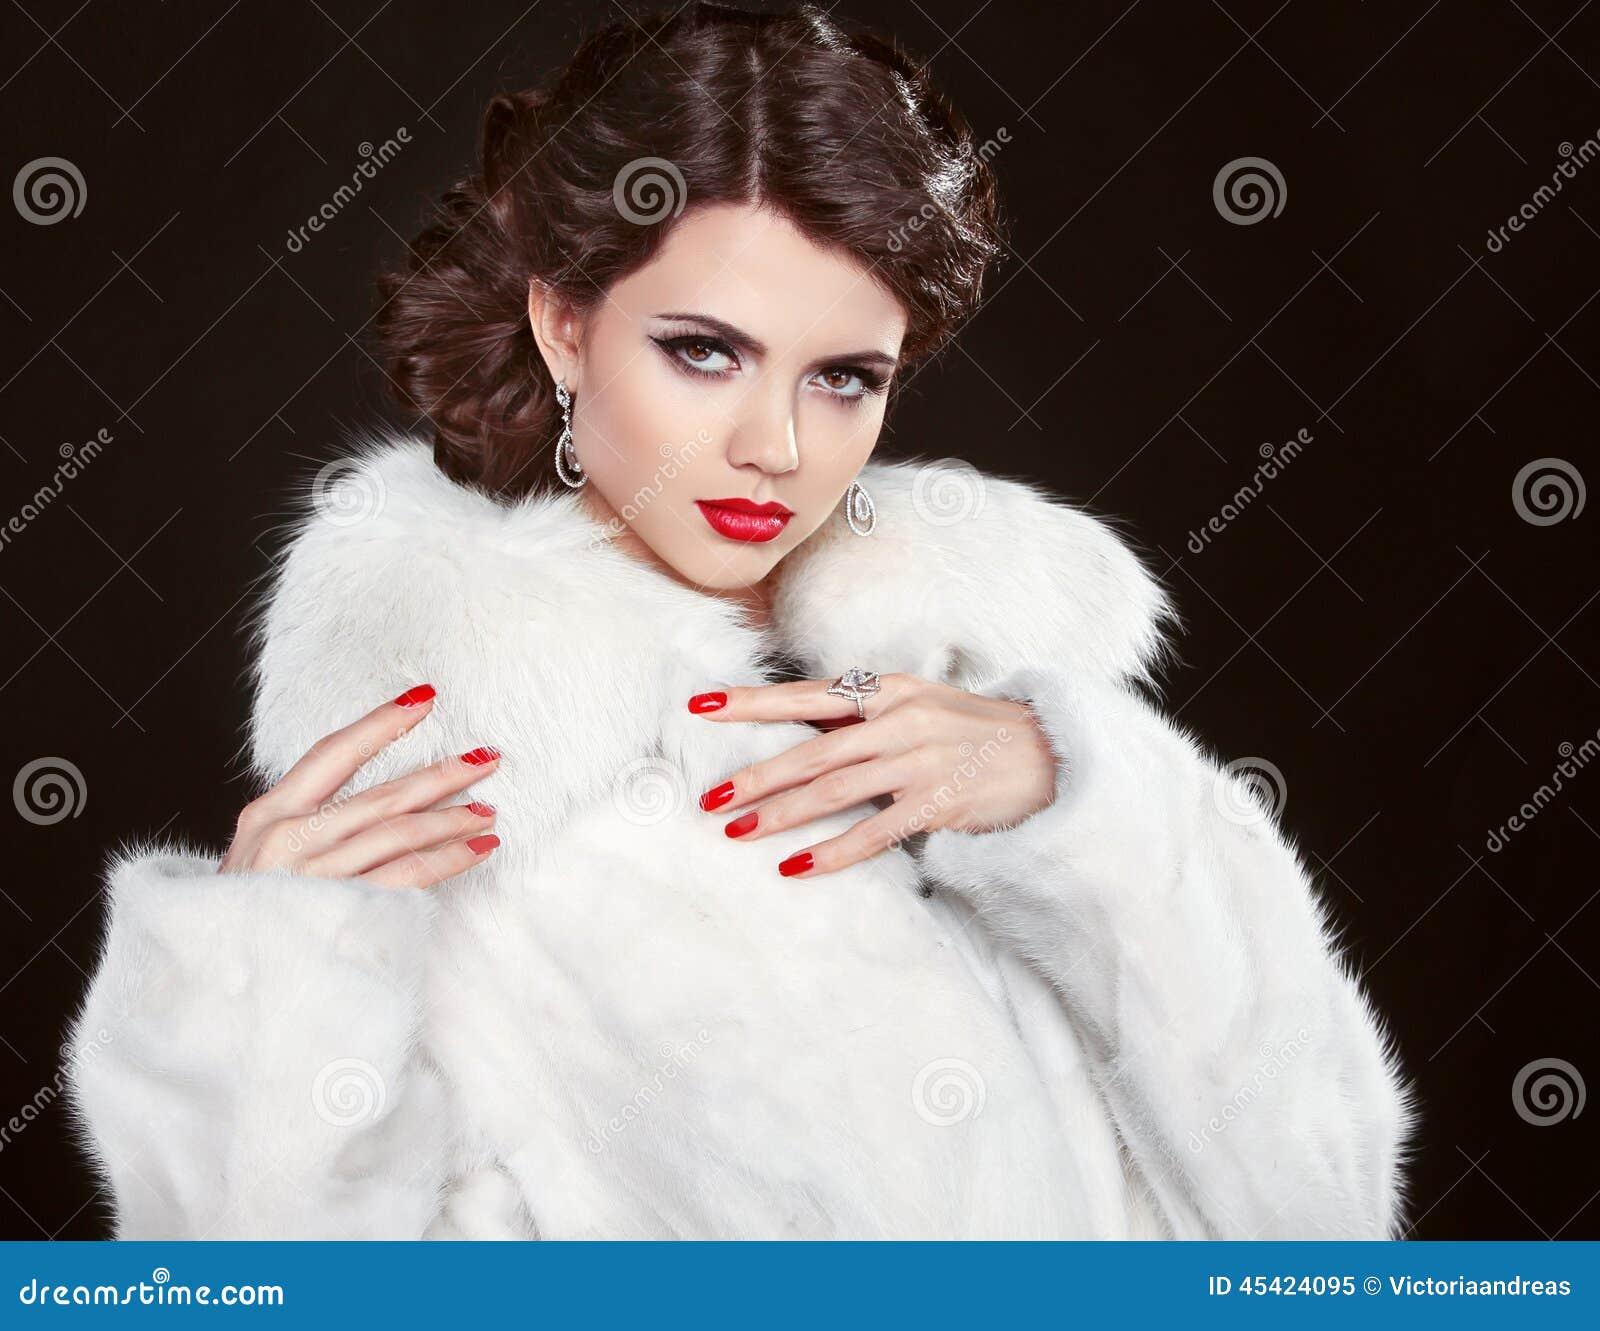 Natural Hair Winter Coat